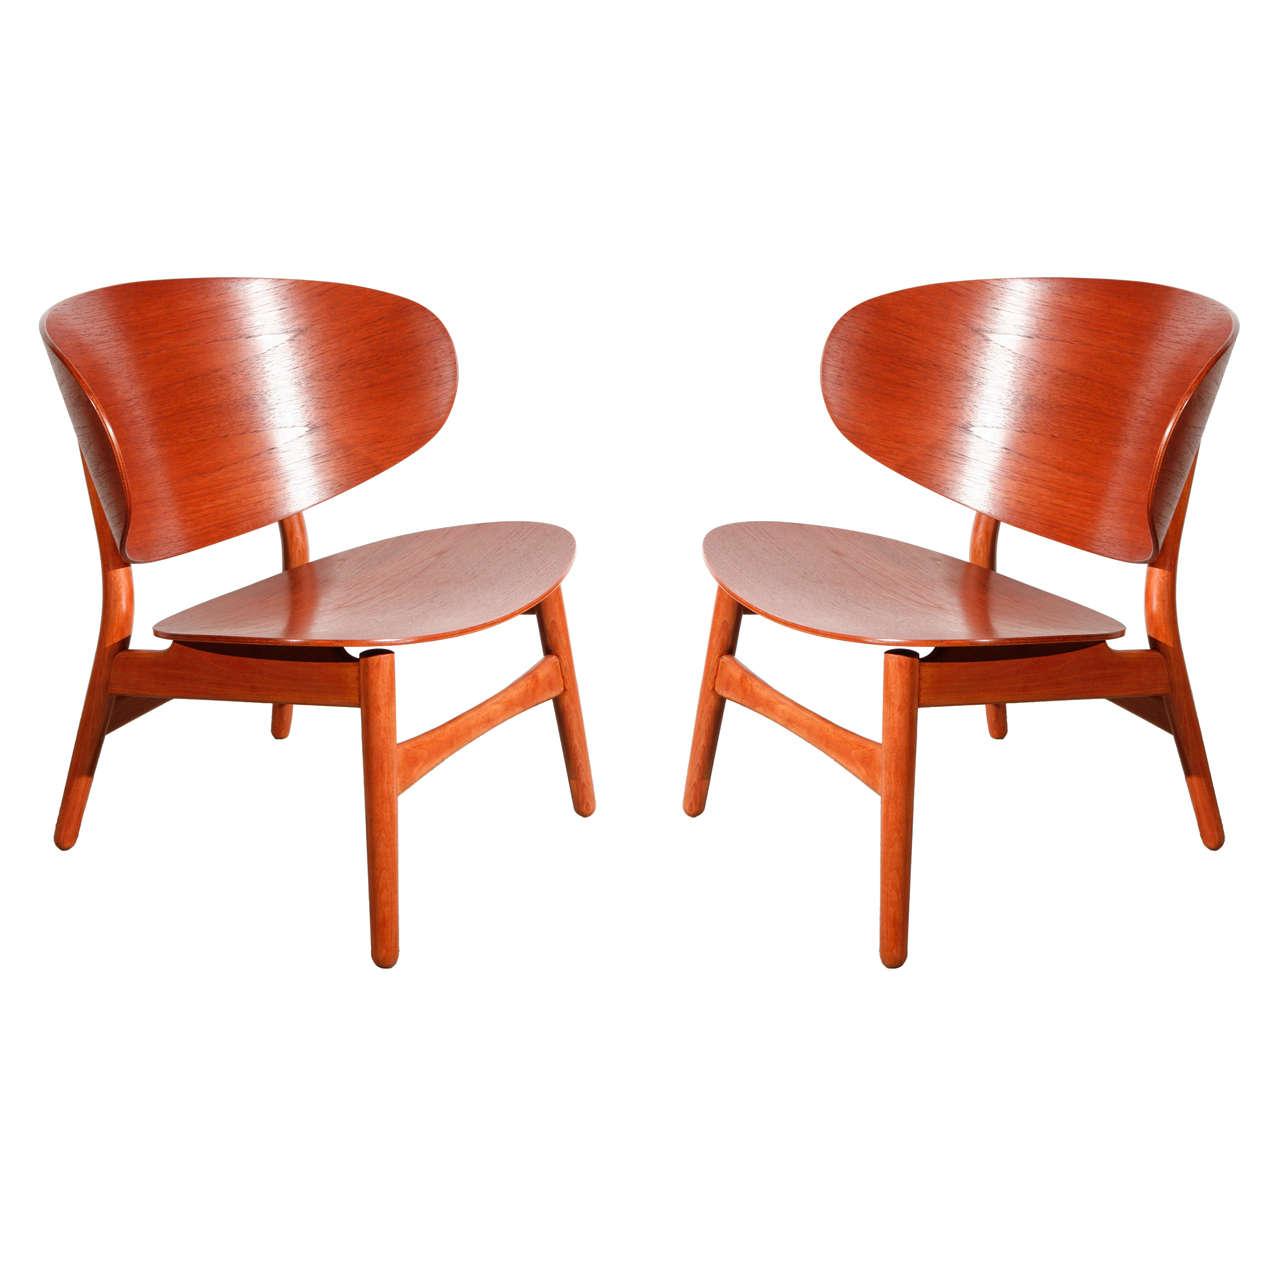 Pair Of Hans Wegner Shell Chairs At 1stdibs